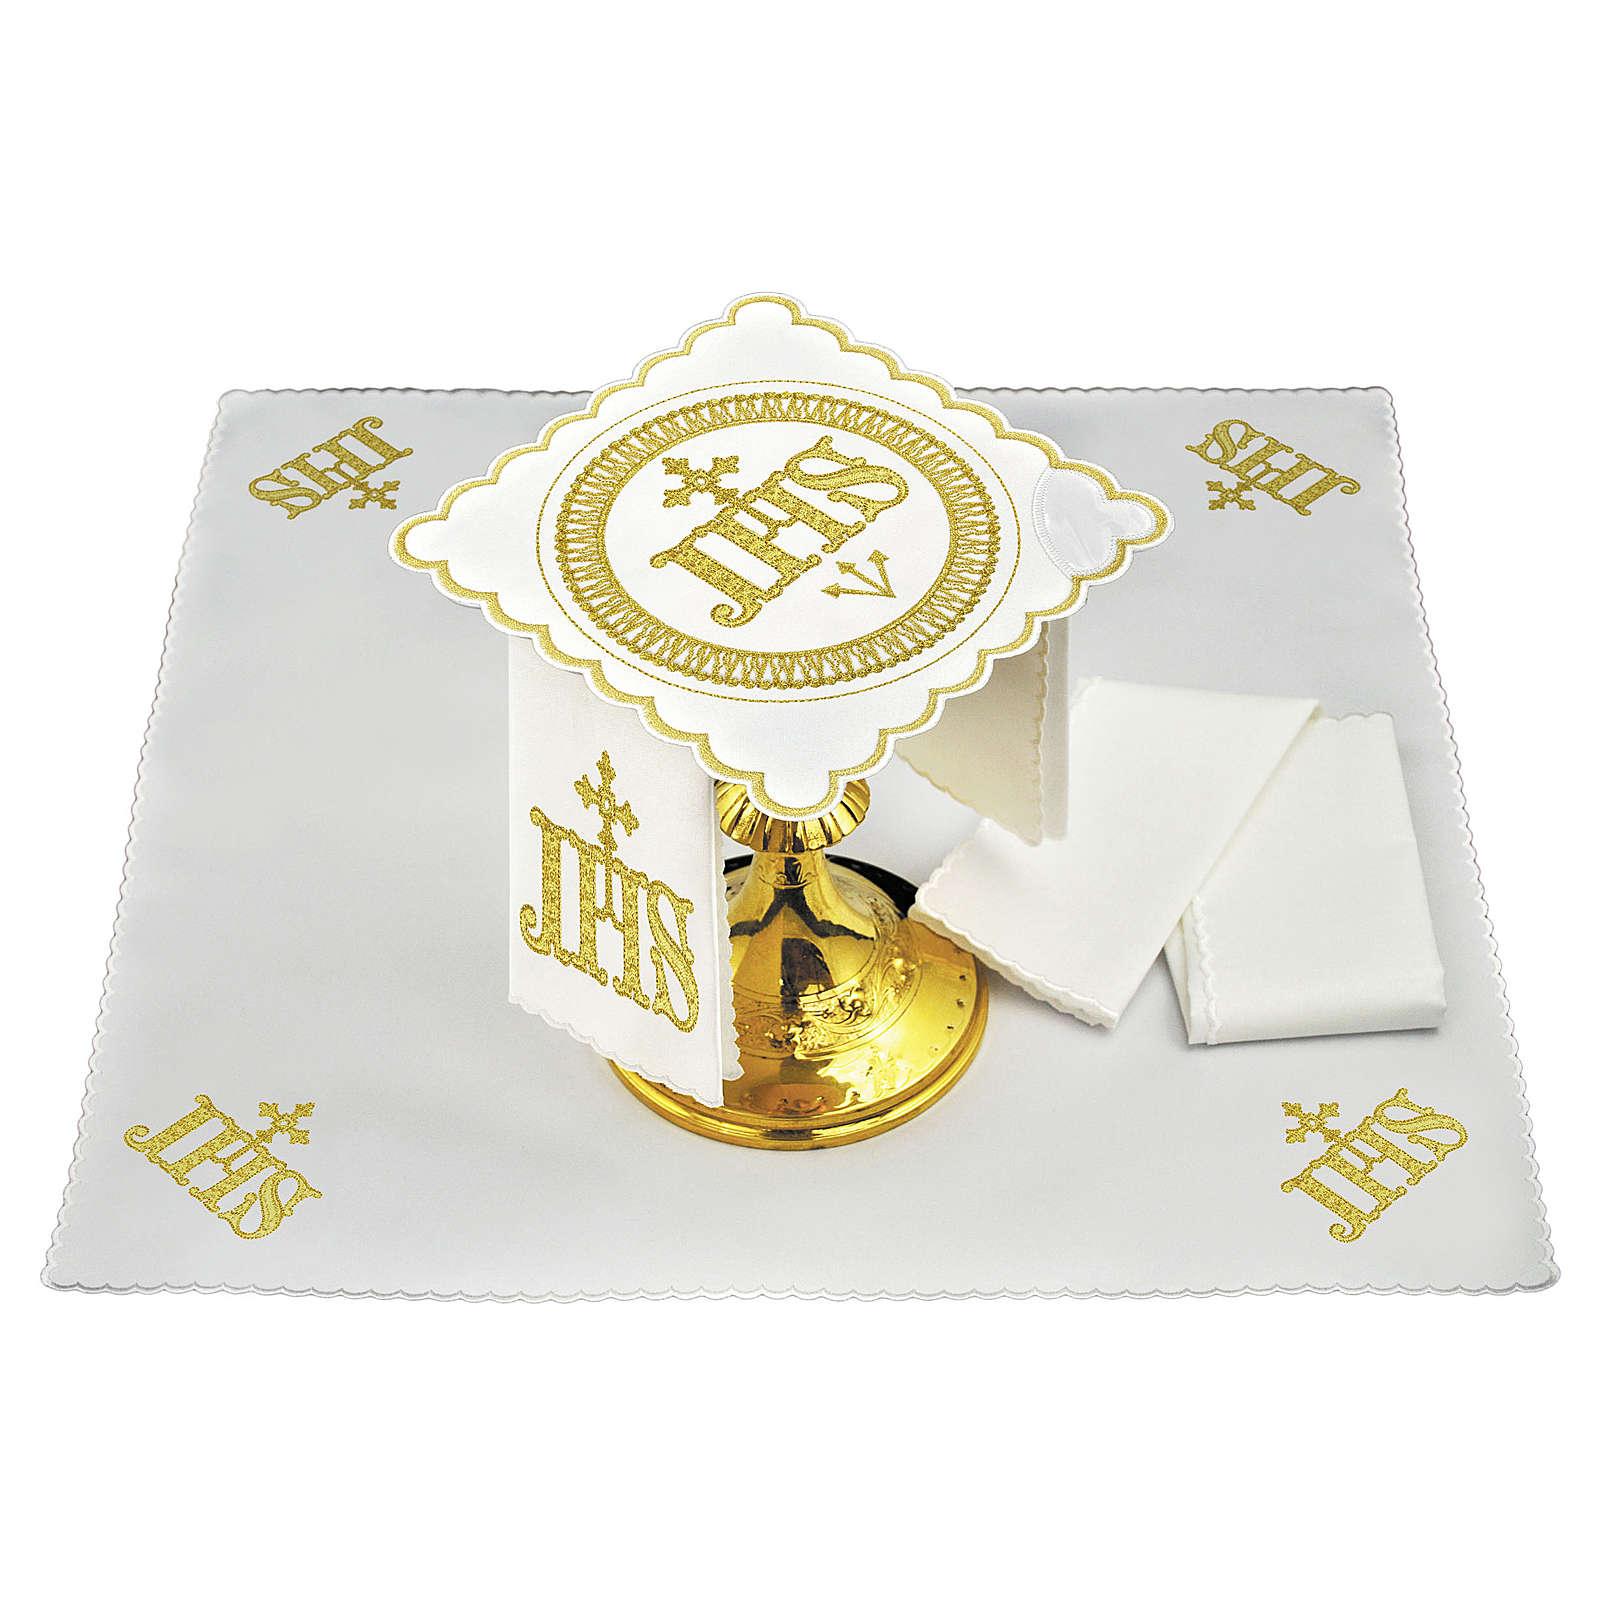 Servicio de altar algodón símbolo JHS posición central y bordados dorados 4